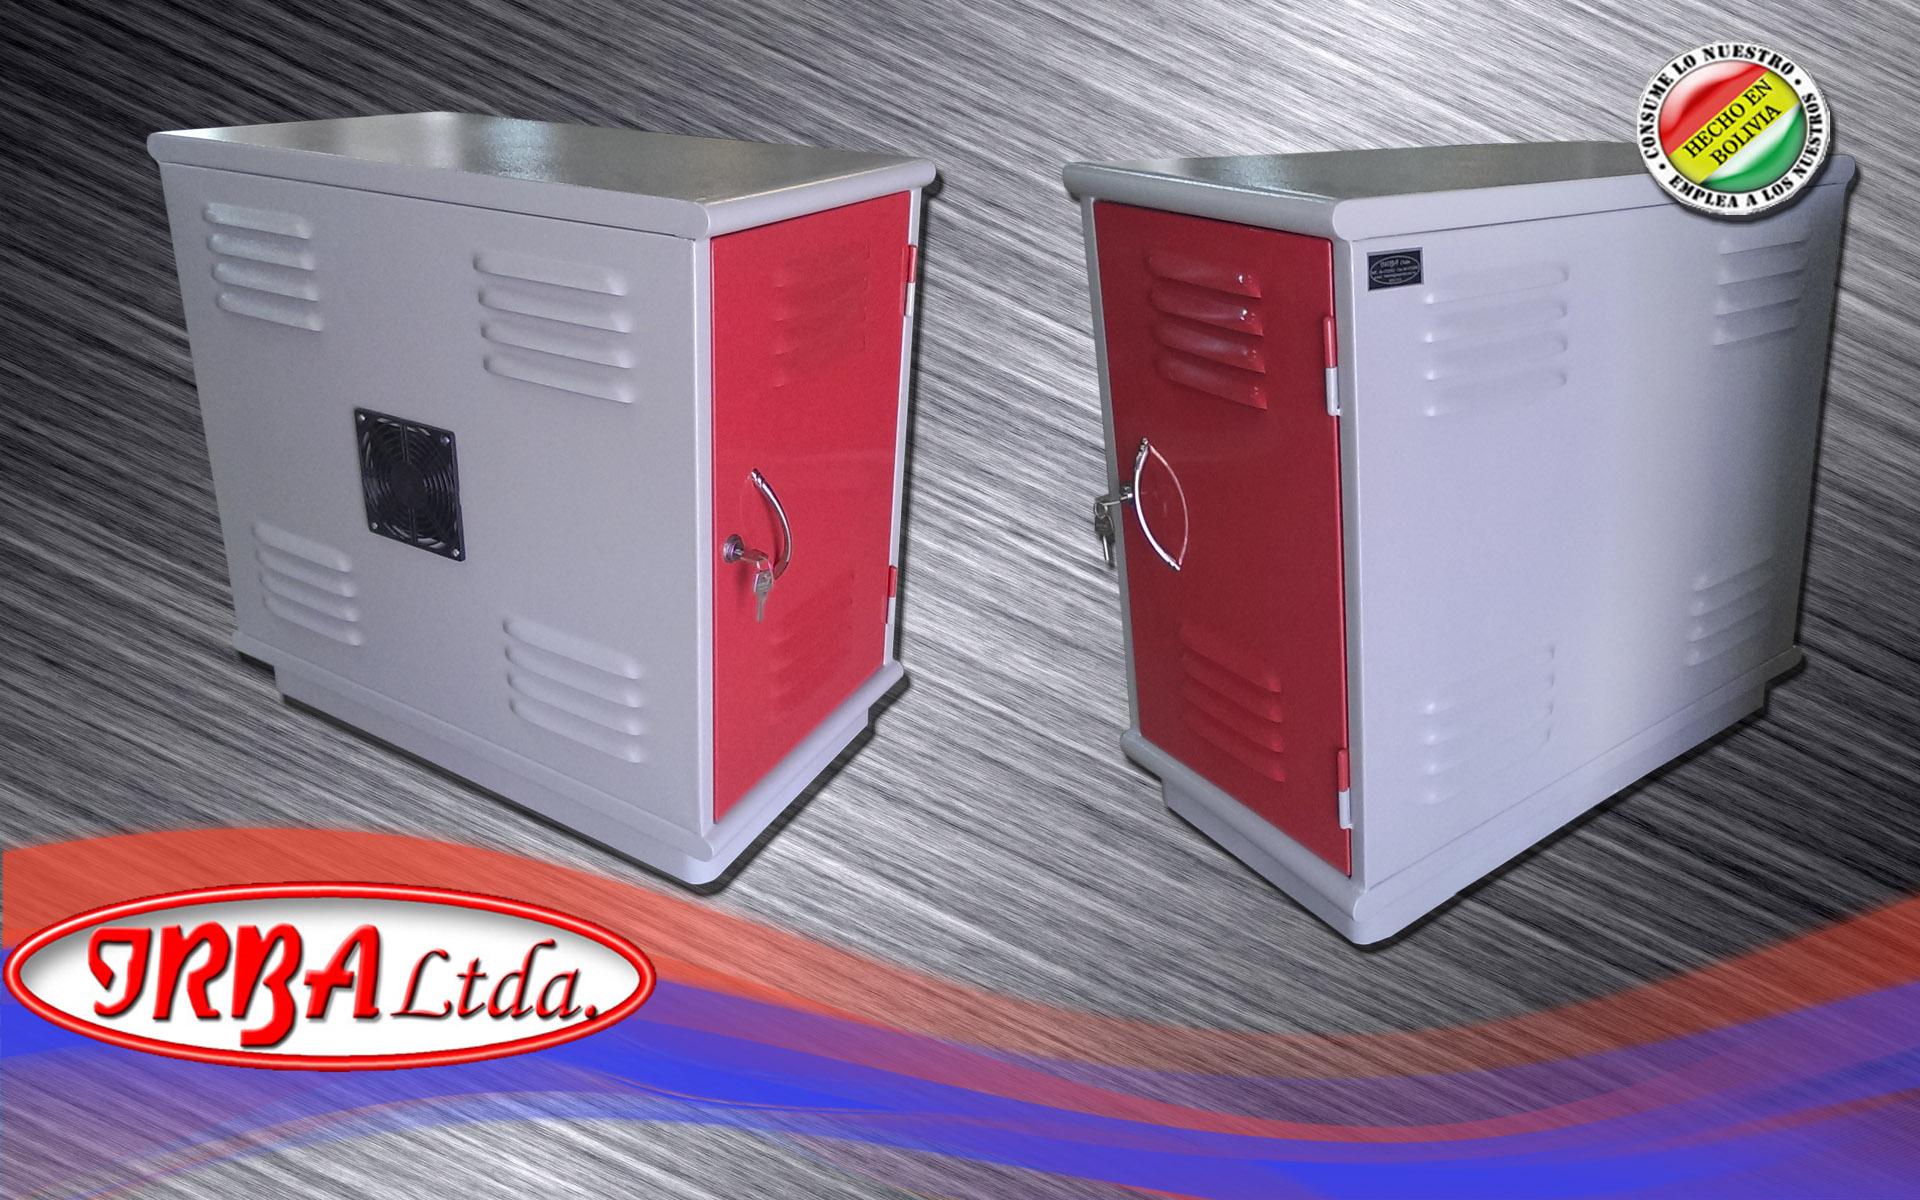 Porta CPU